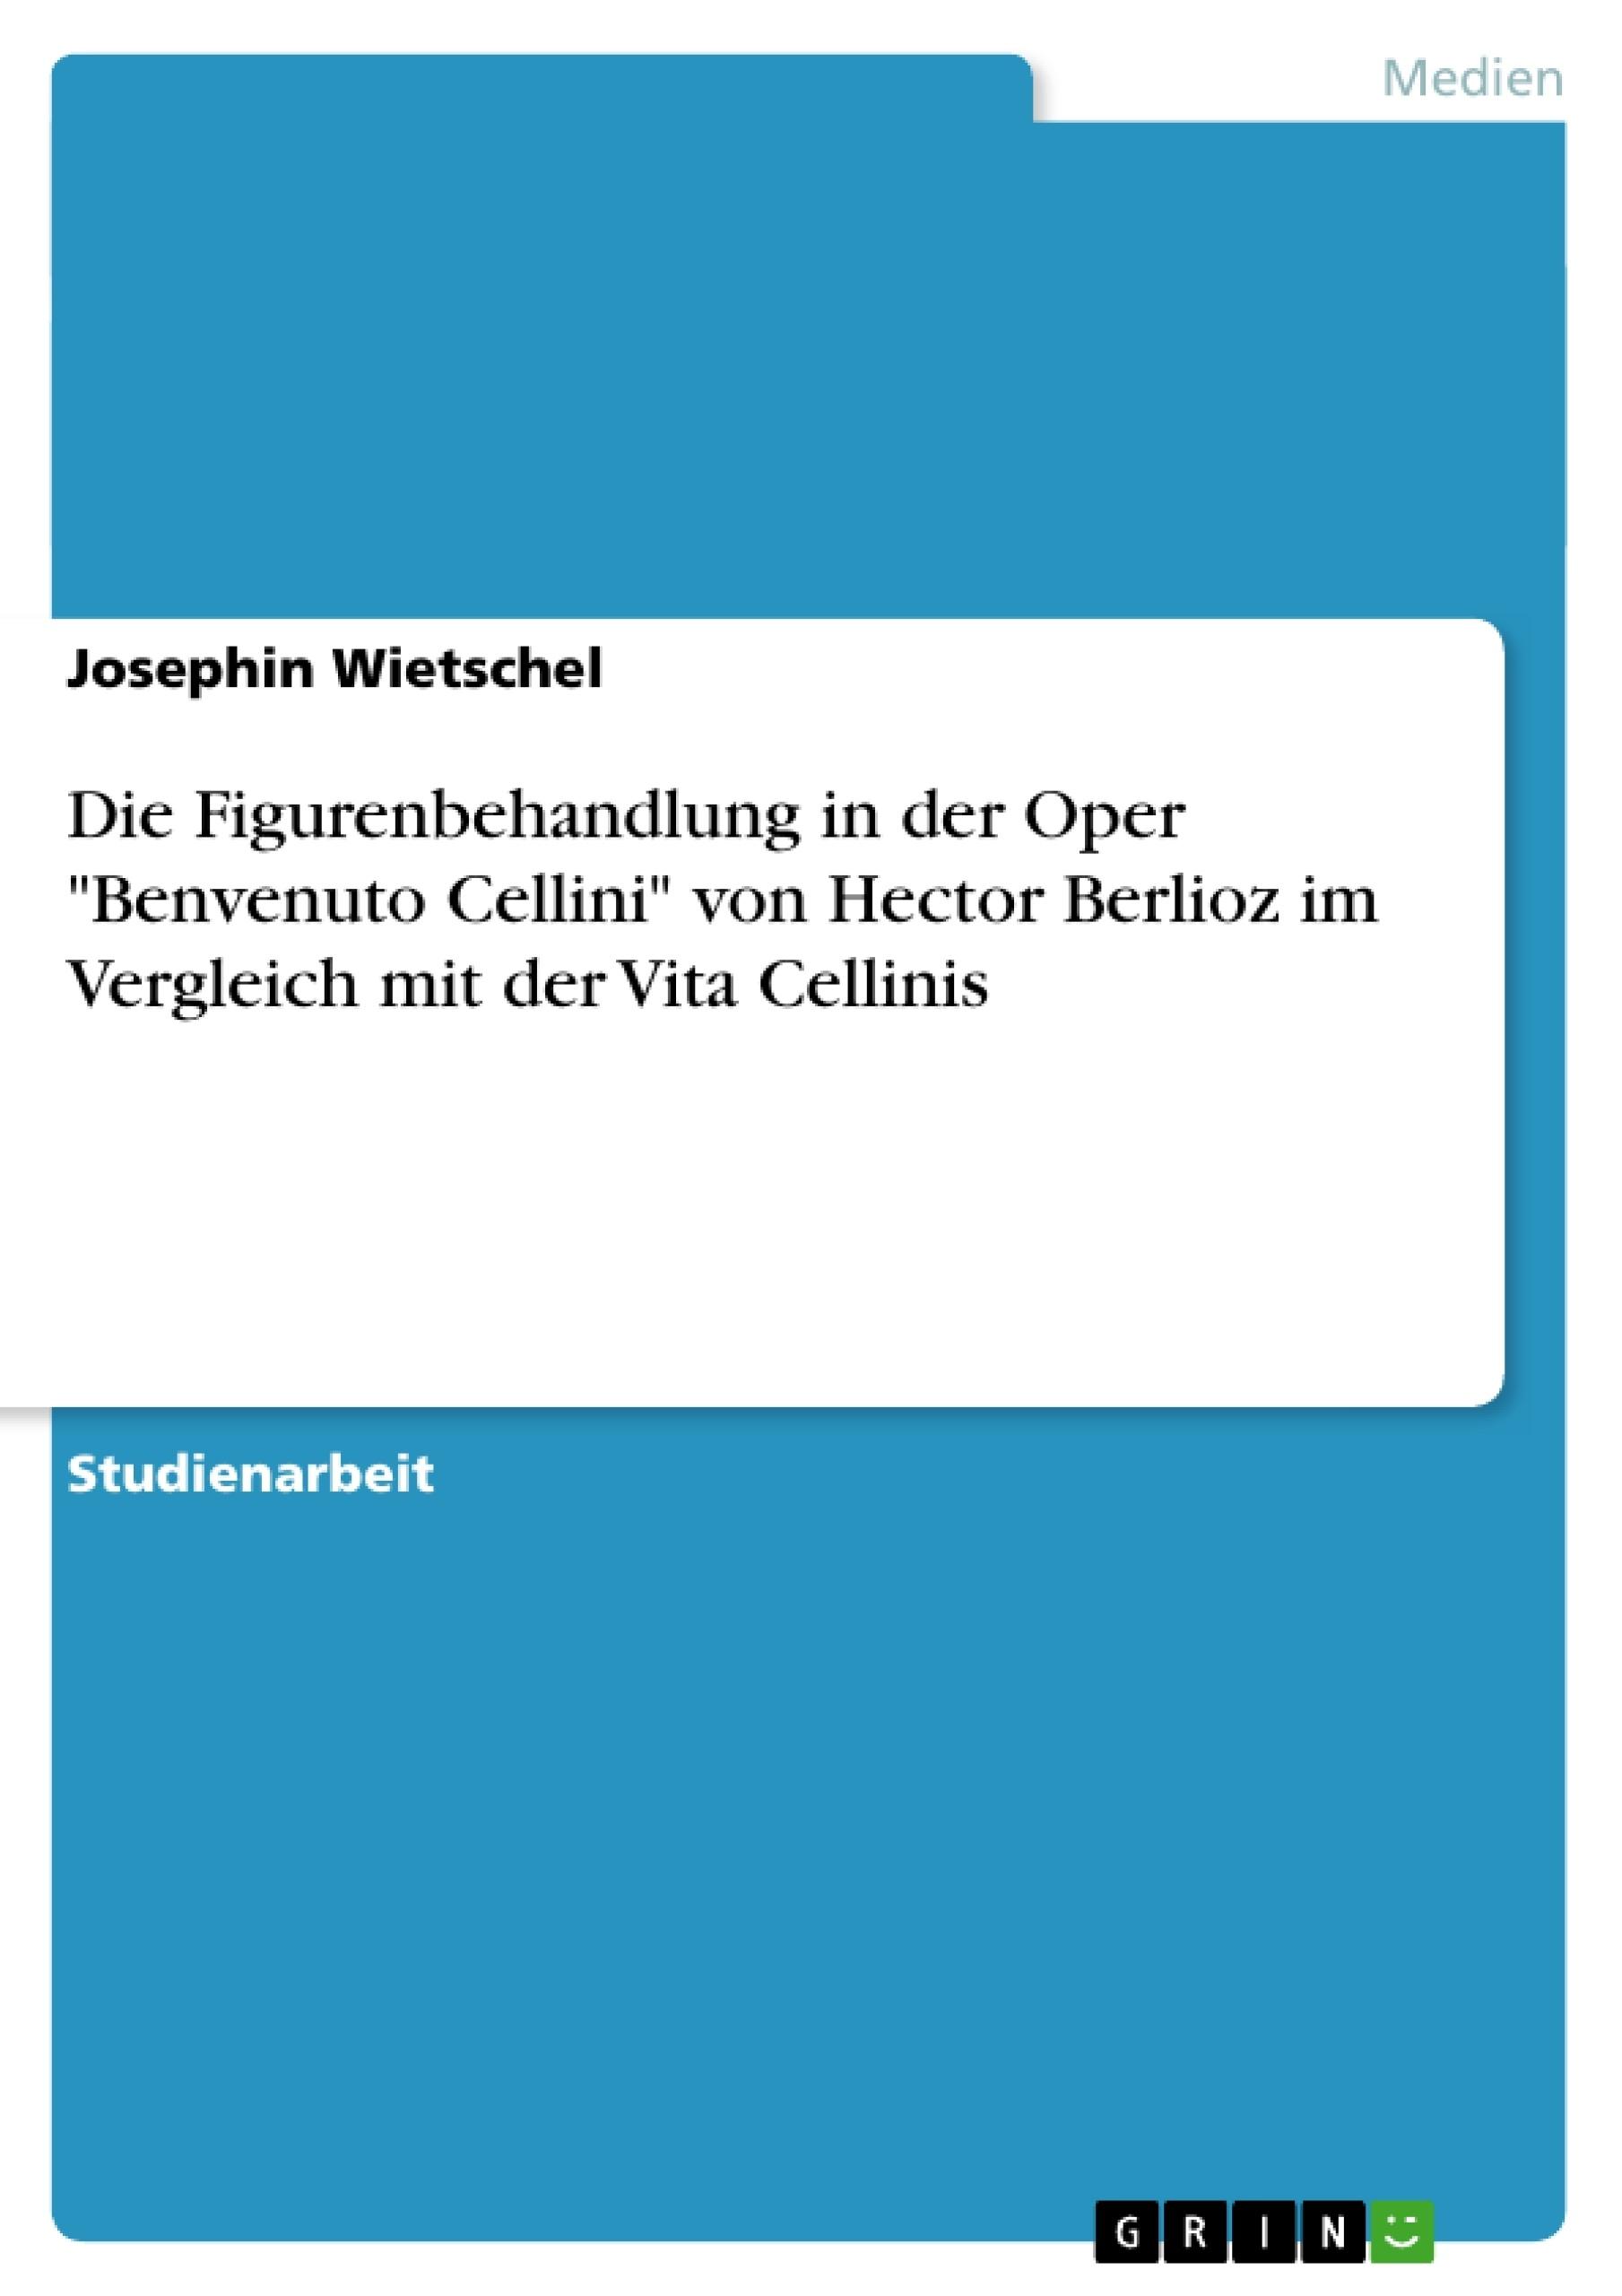 """Titel: Die Figurenbehandlung in der Oper """"Benvenuto Cellini"""" von Hector Berlioz im Vergleich mit der Vita Cellinis"""